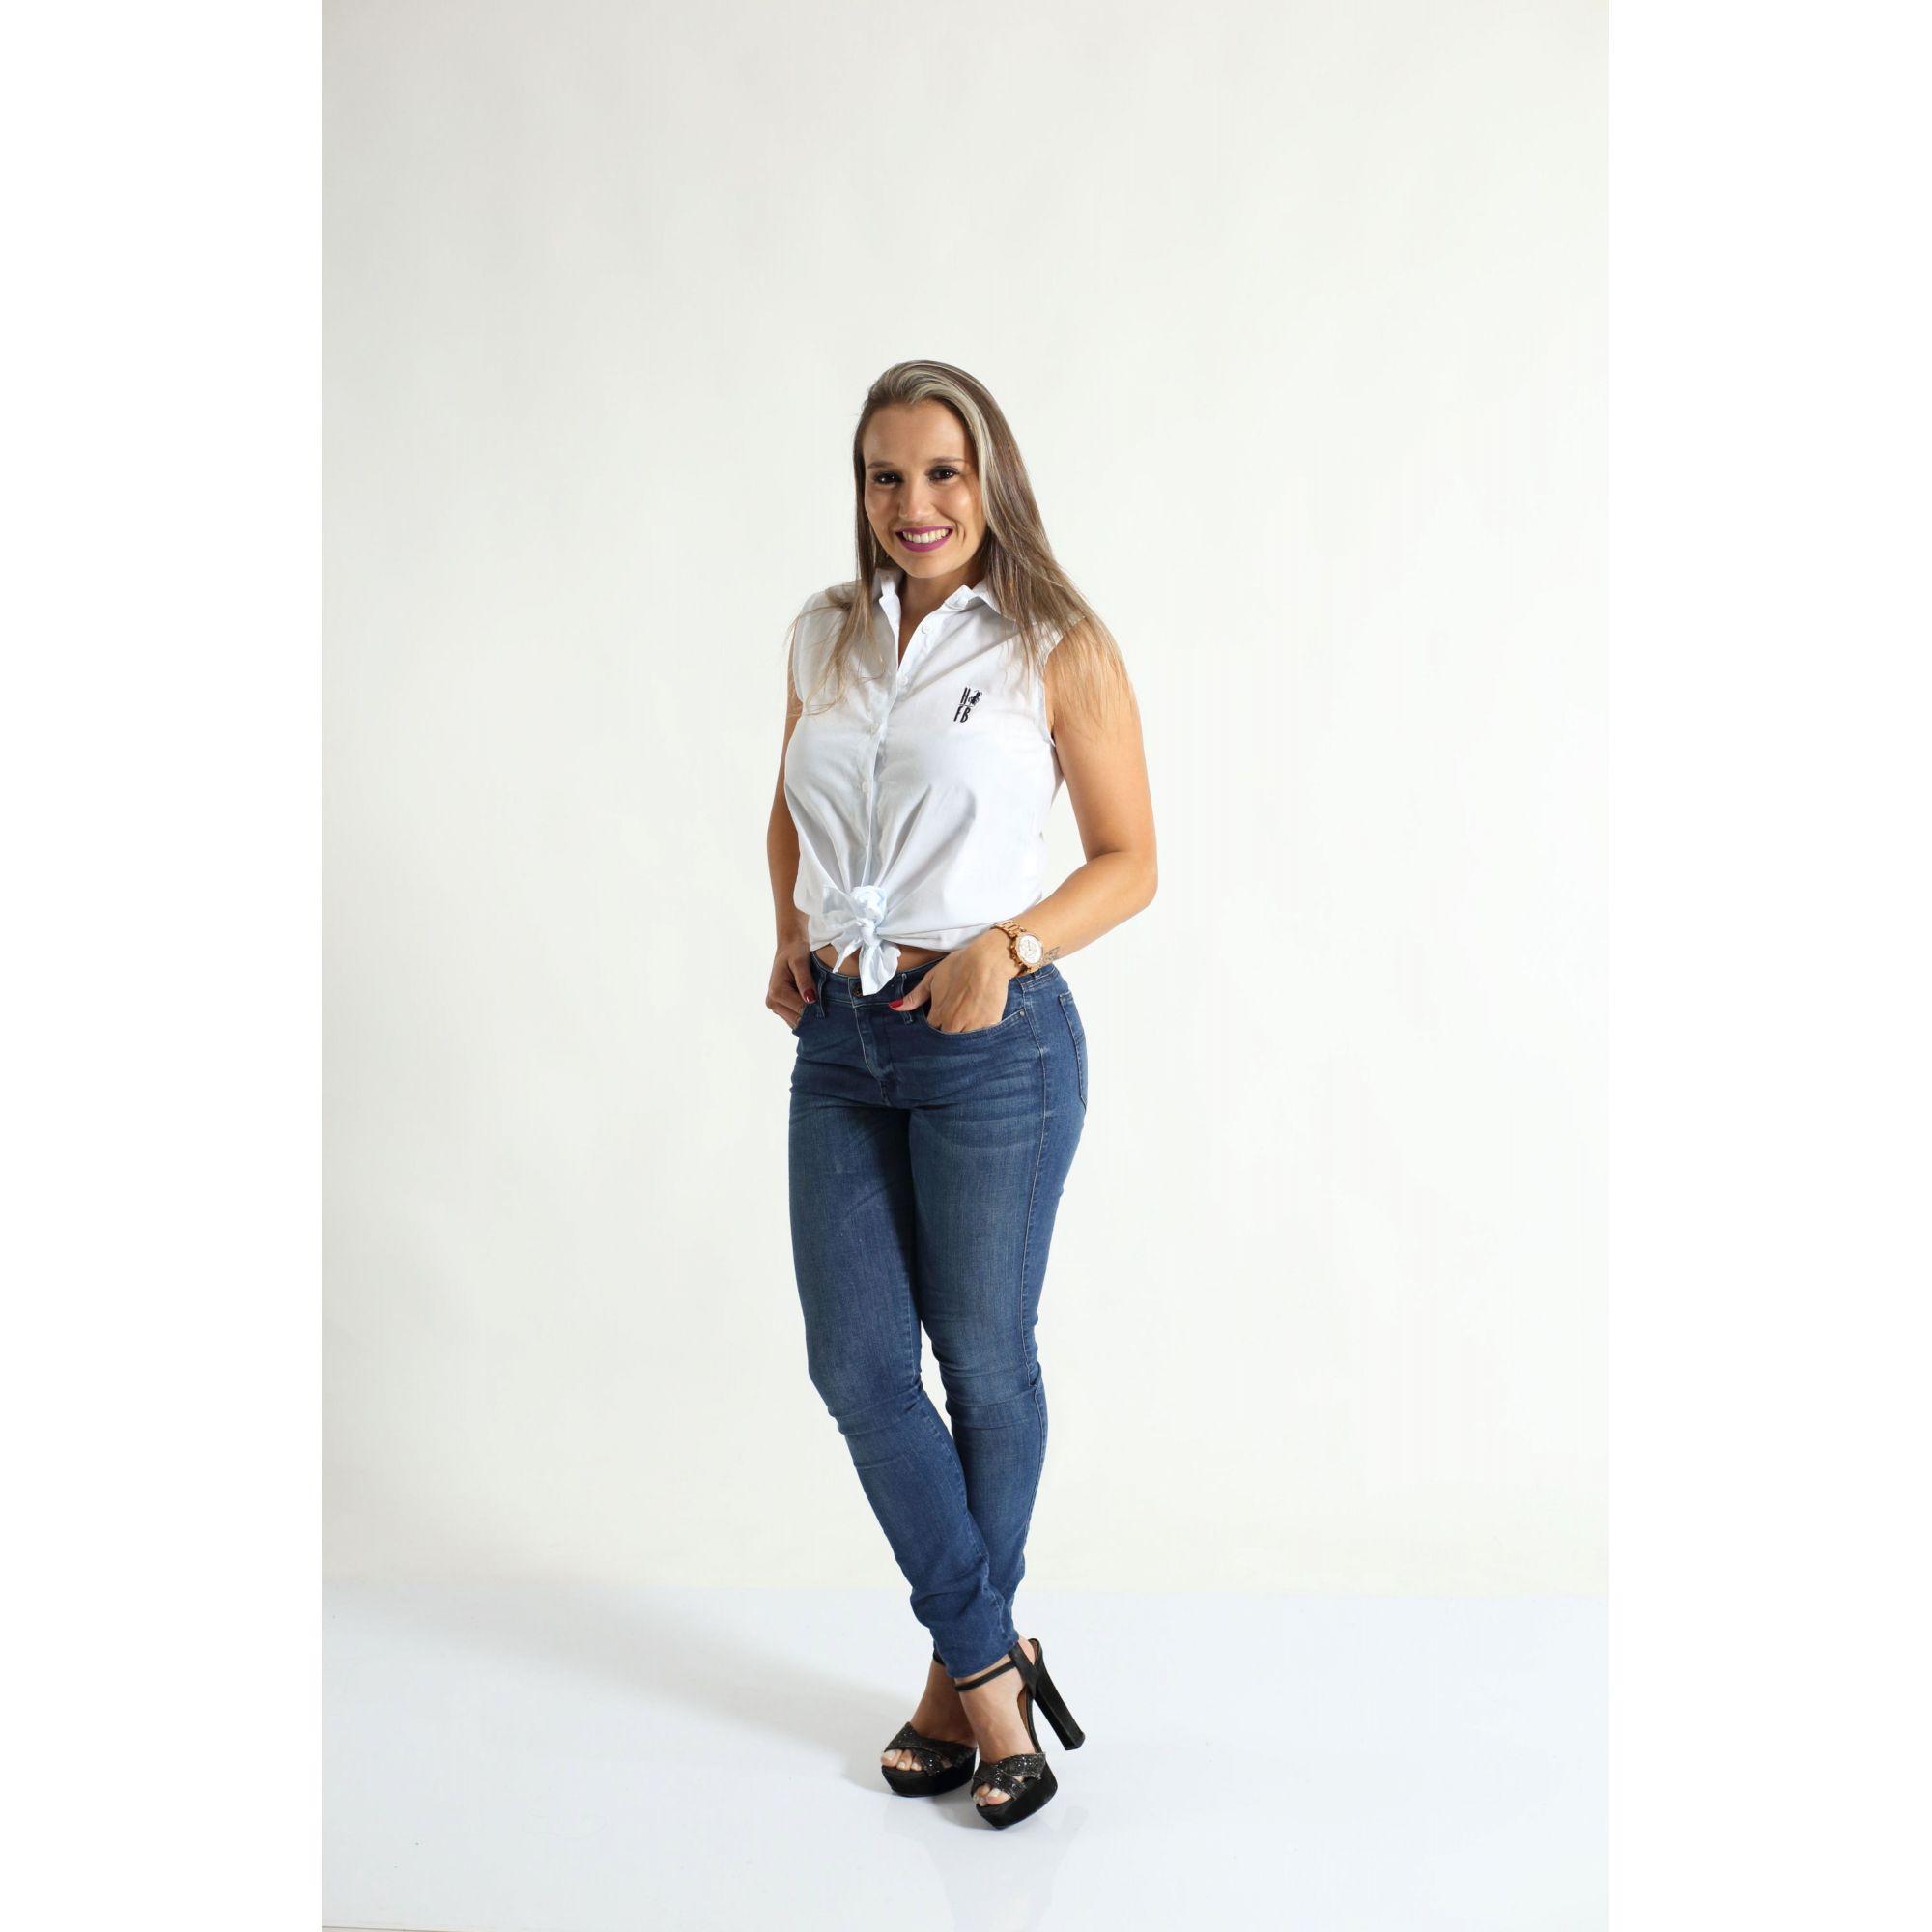 PAIS E FILHOS > Kit 3 peças Camisas Social Branca [Coleção Família]  - Heitor Fashion Brazil